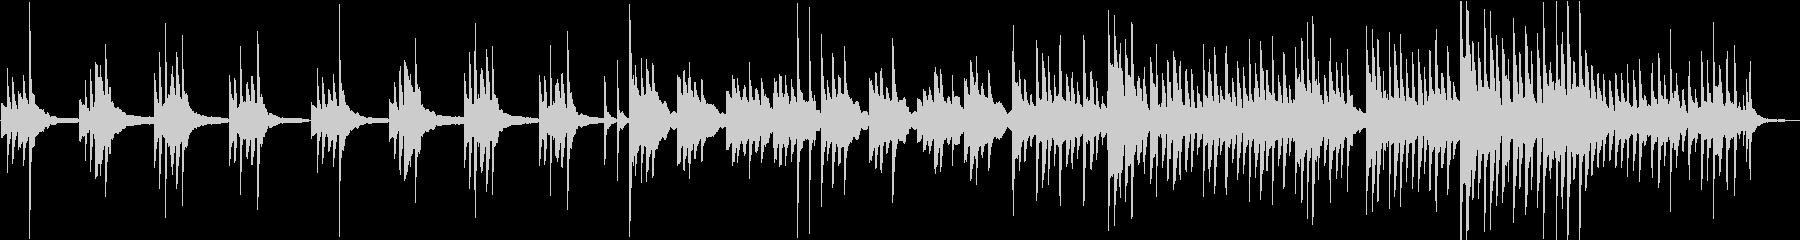 ソロピアノ/しっとり/センチメンタルの未再生の波形